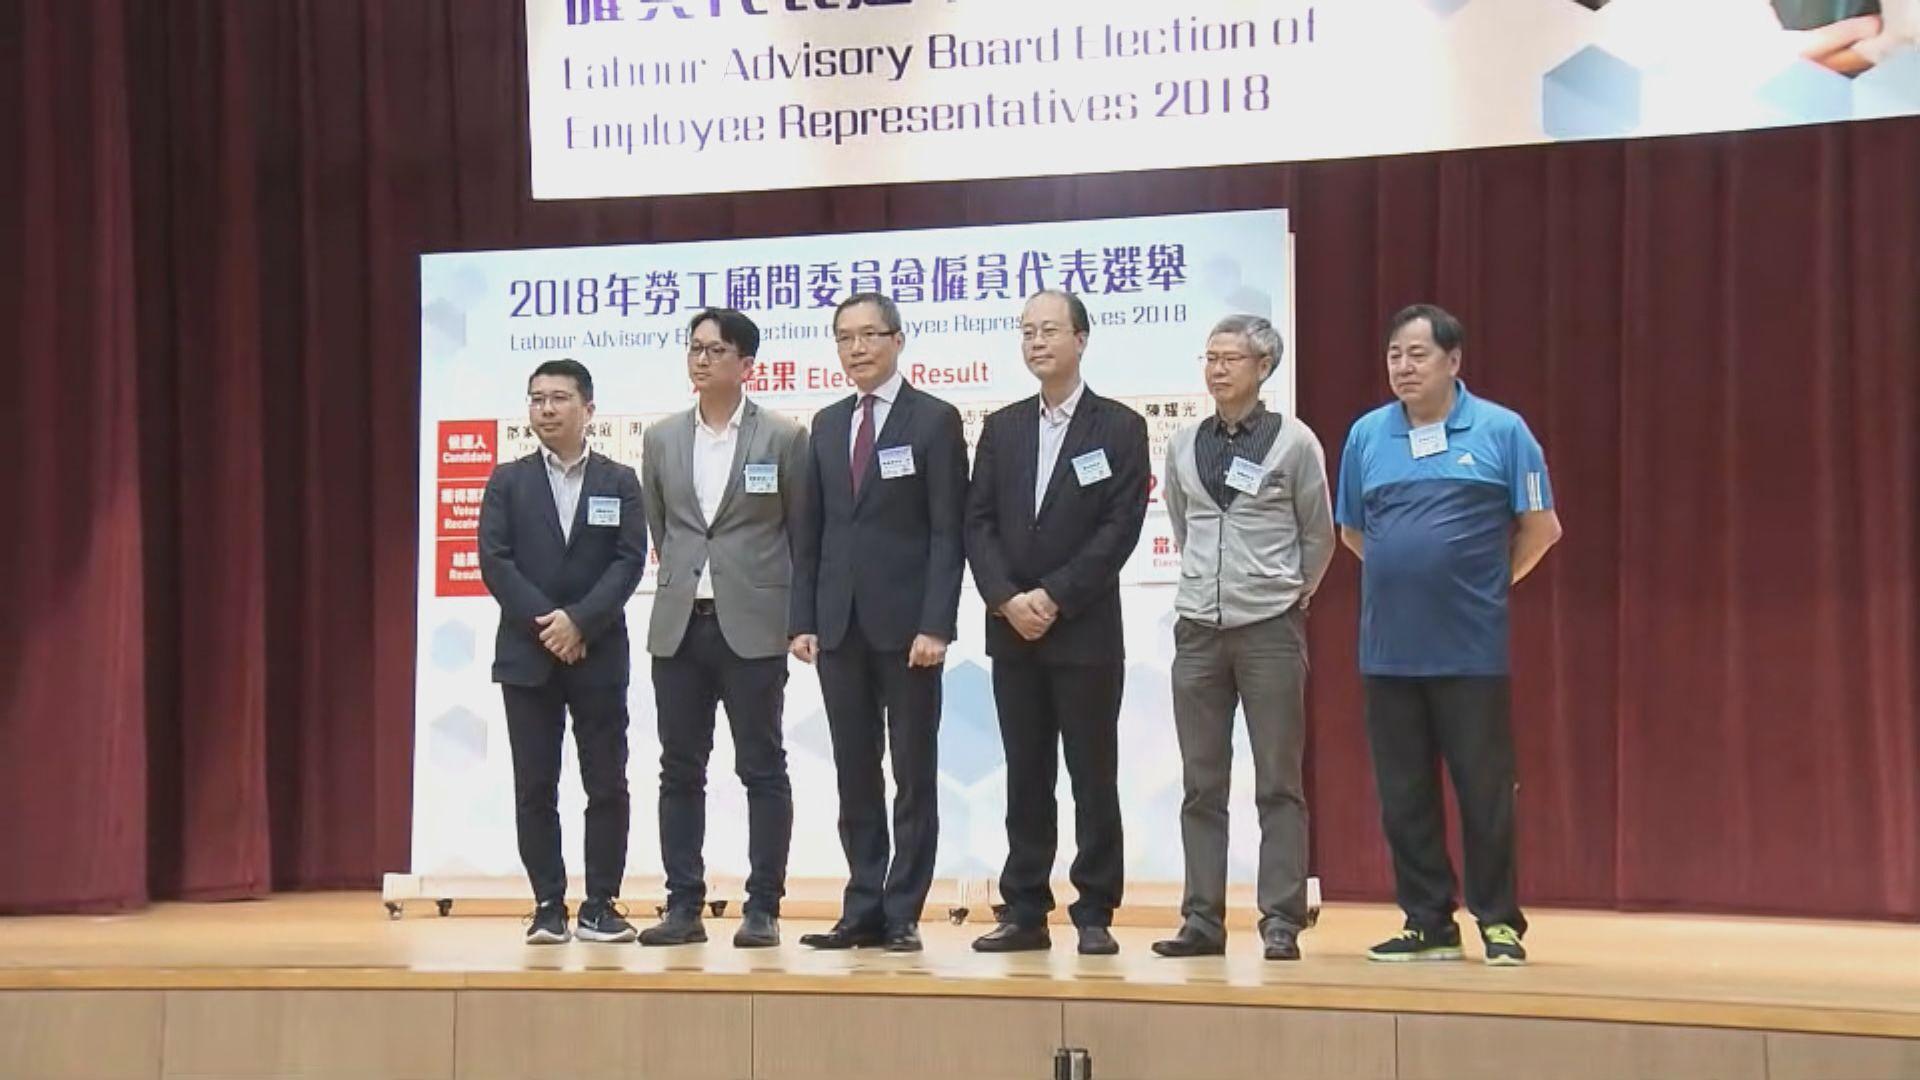 勞顧會代表選舉 有三名委員成功連任